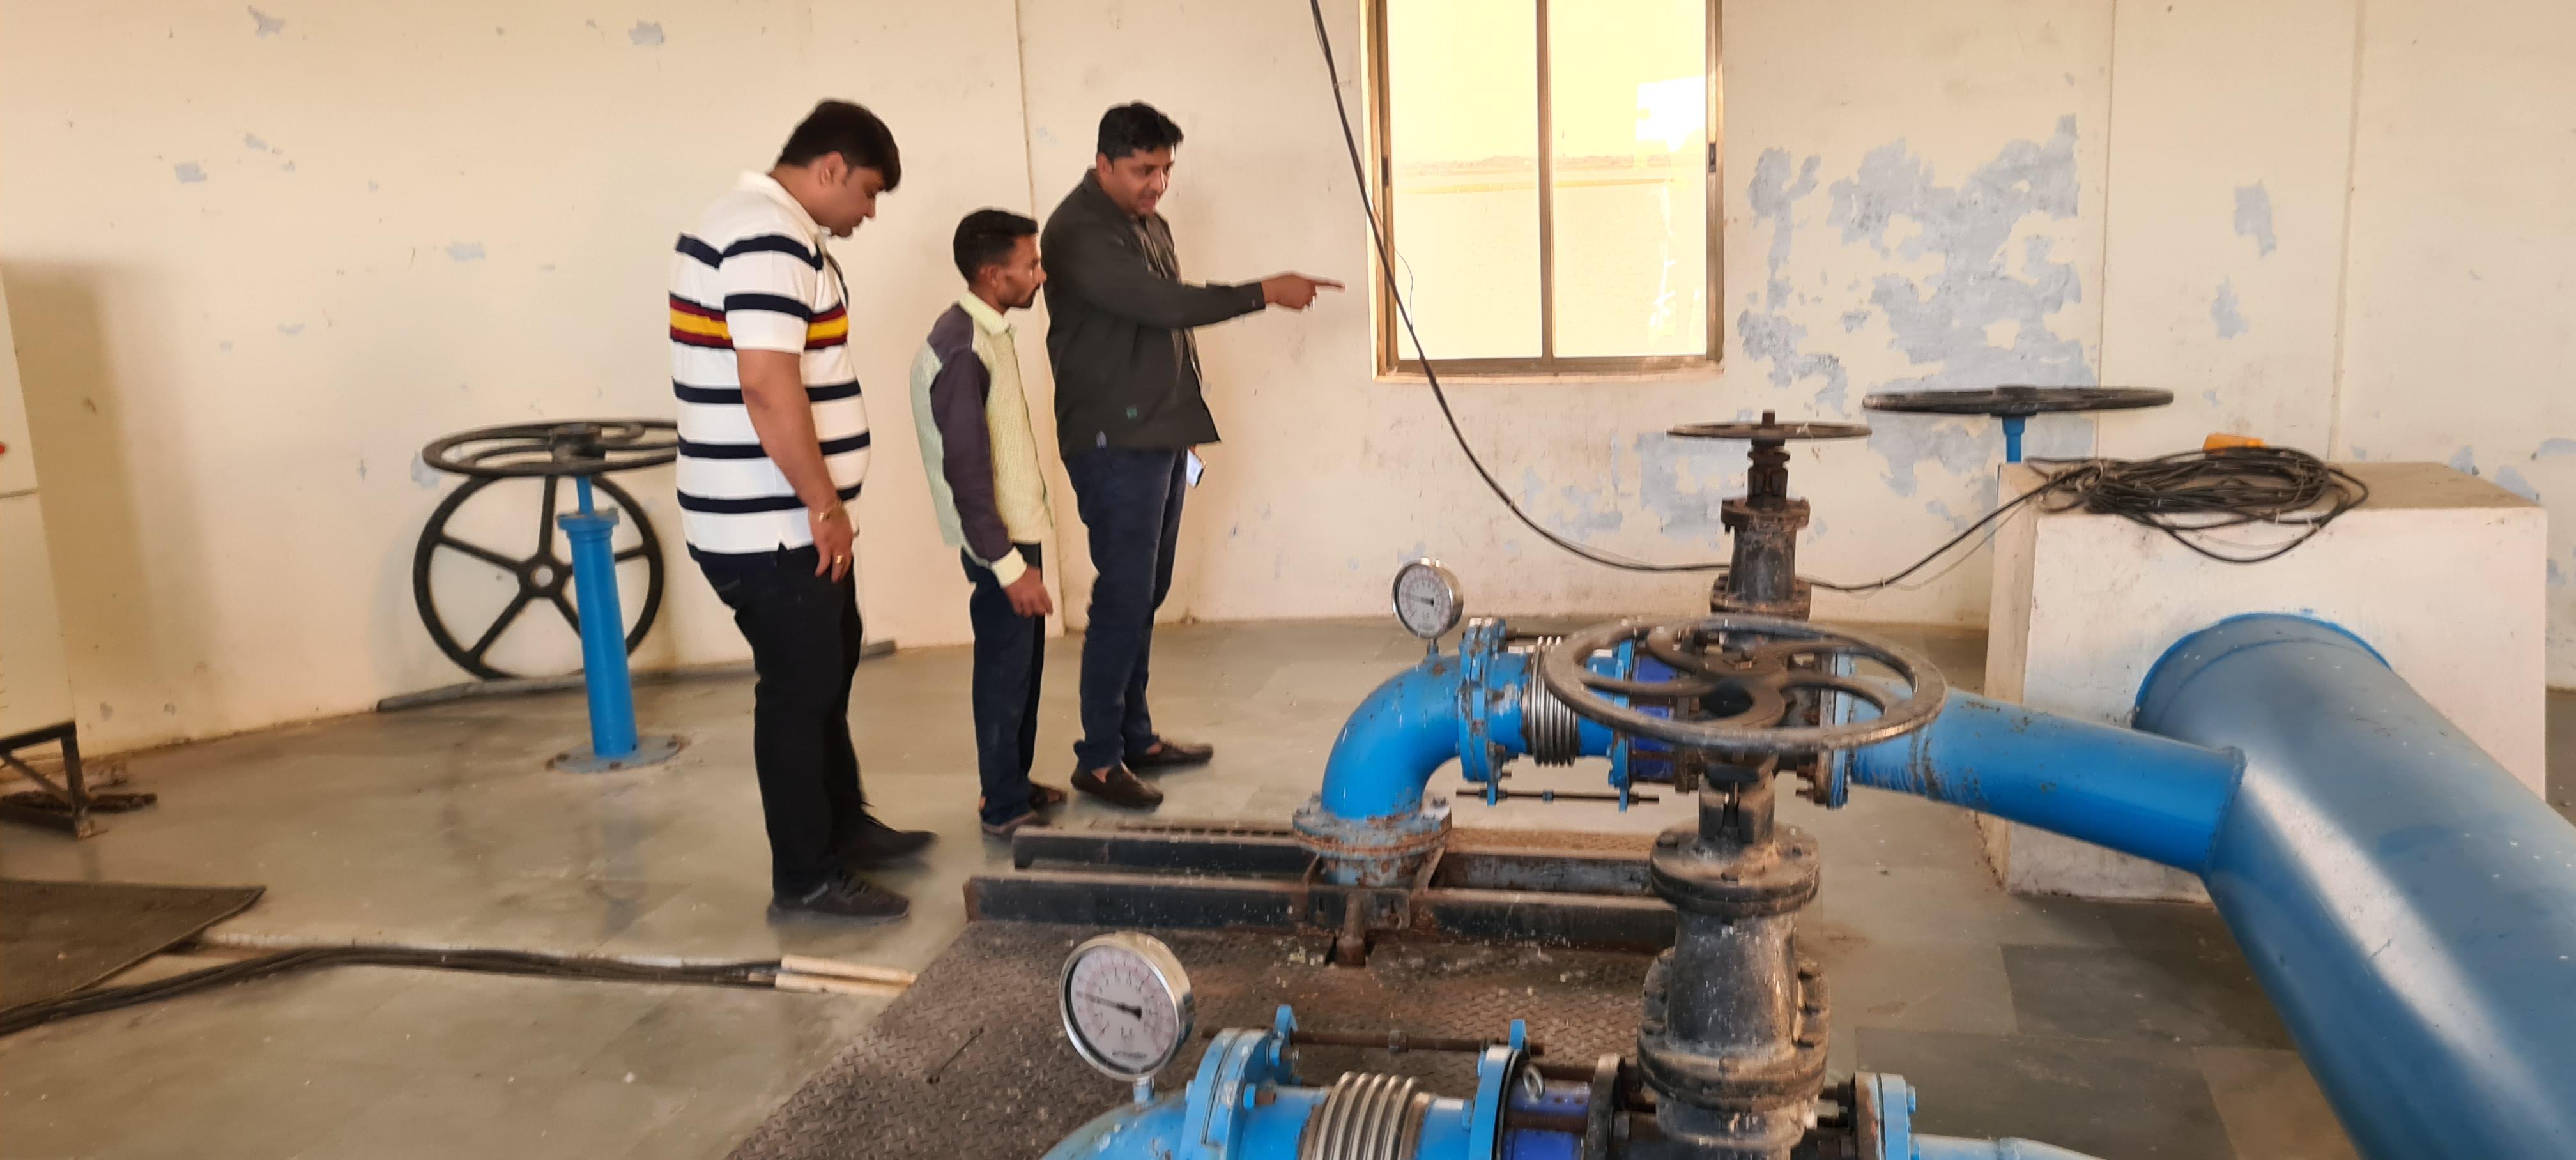 શહેરના પાણી પુરું પાડતા સસોઈ ડેમનું પાણી દૂષિત થતા વિપક્ષી સભ્યોએ પાણીનો ઉપયોગ બંધ કરાવ્યો|જામનગર,Jamnagar - Divya Bhaskar